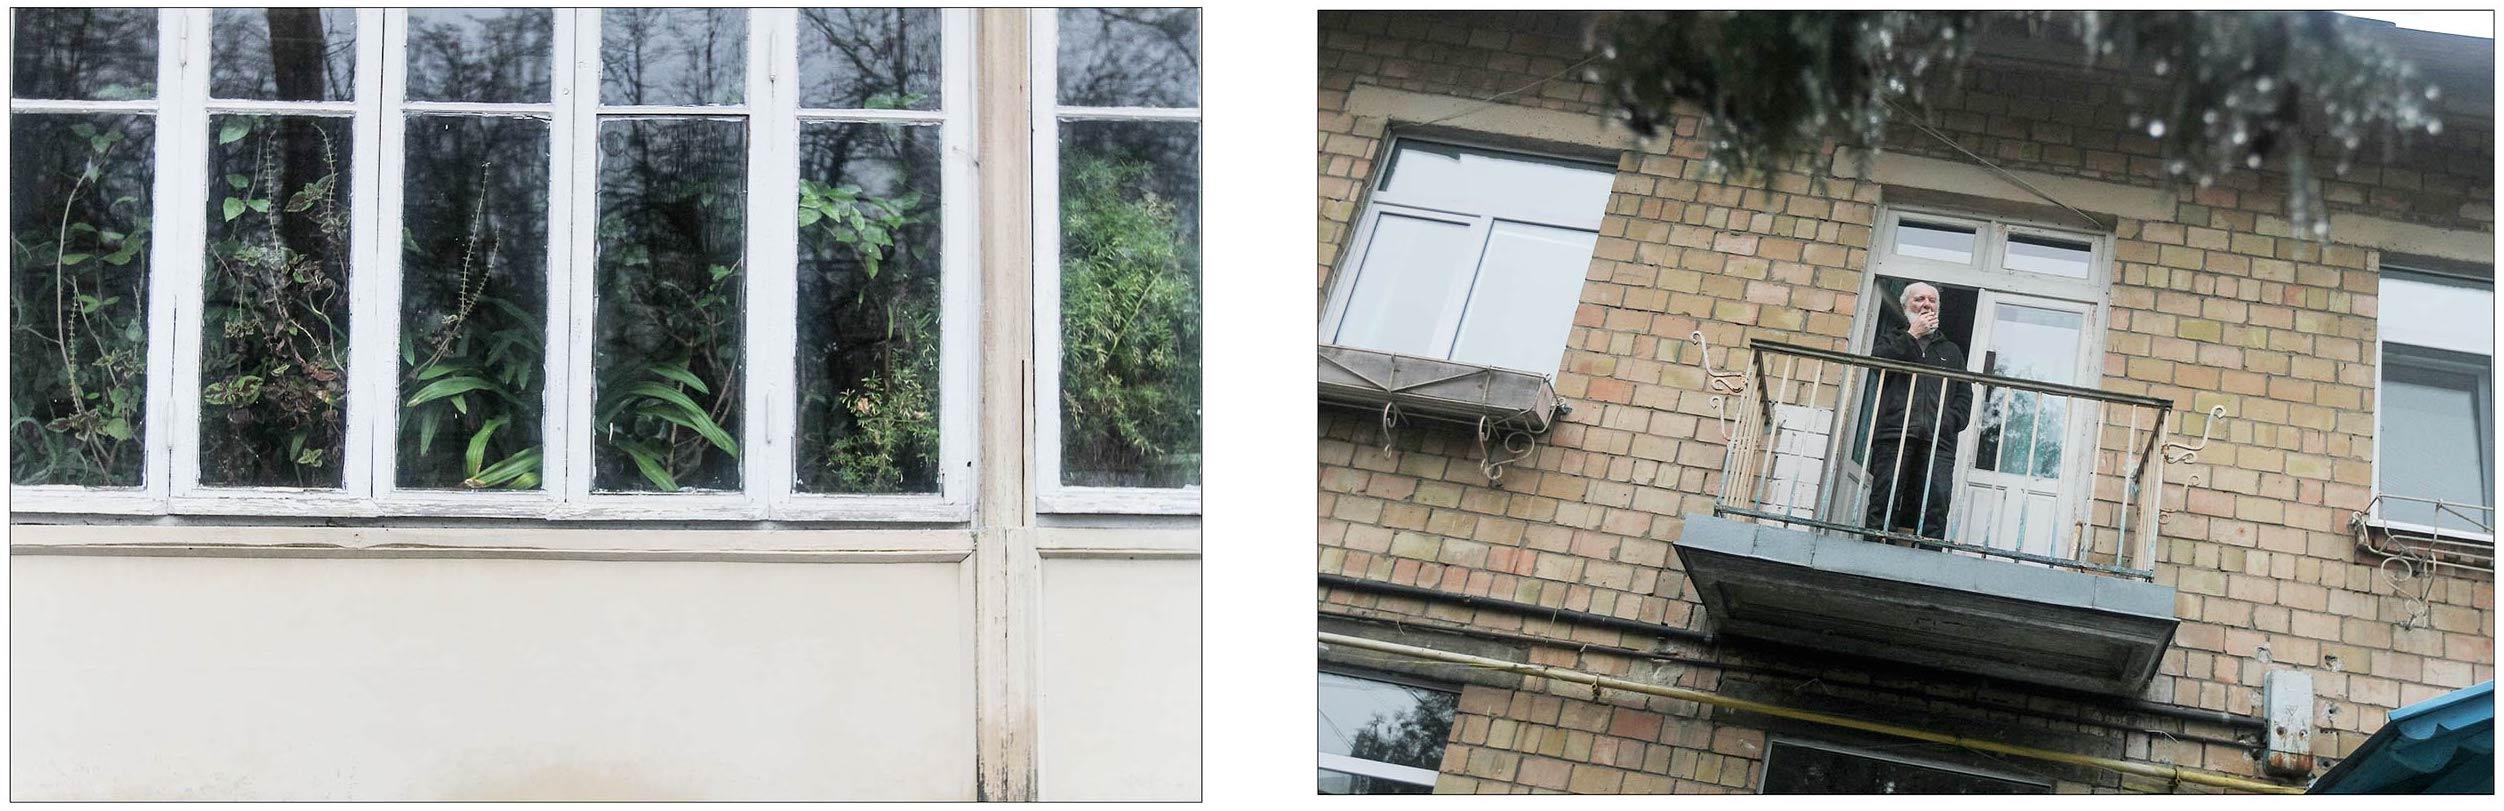 13 14 ch kharchenko 1 - <b>«Старі сидять голі, у самих футболках і памперсах».</b> Журналістка Заборони розповідає, як шукала будинок літніх людей для своєї бабусі - Заборона